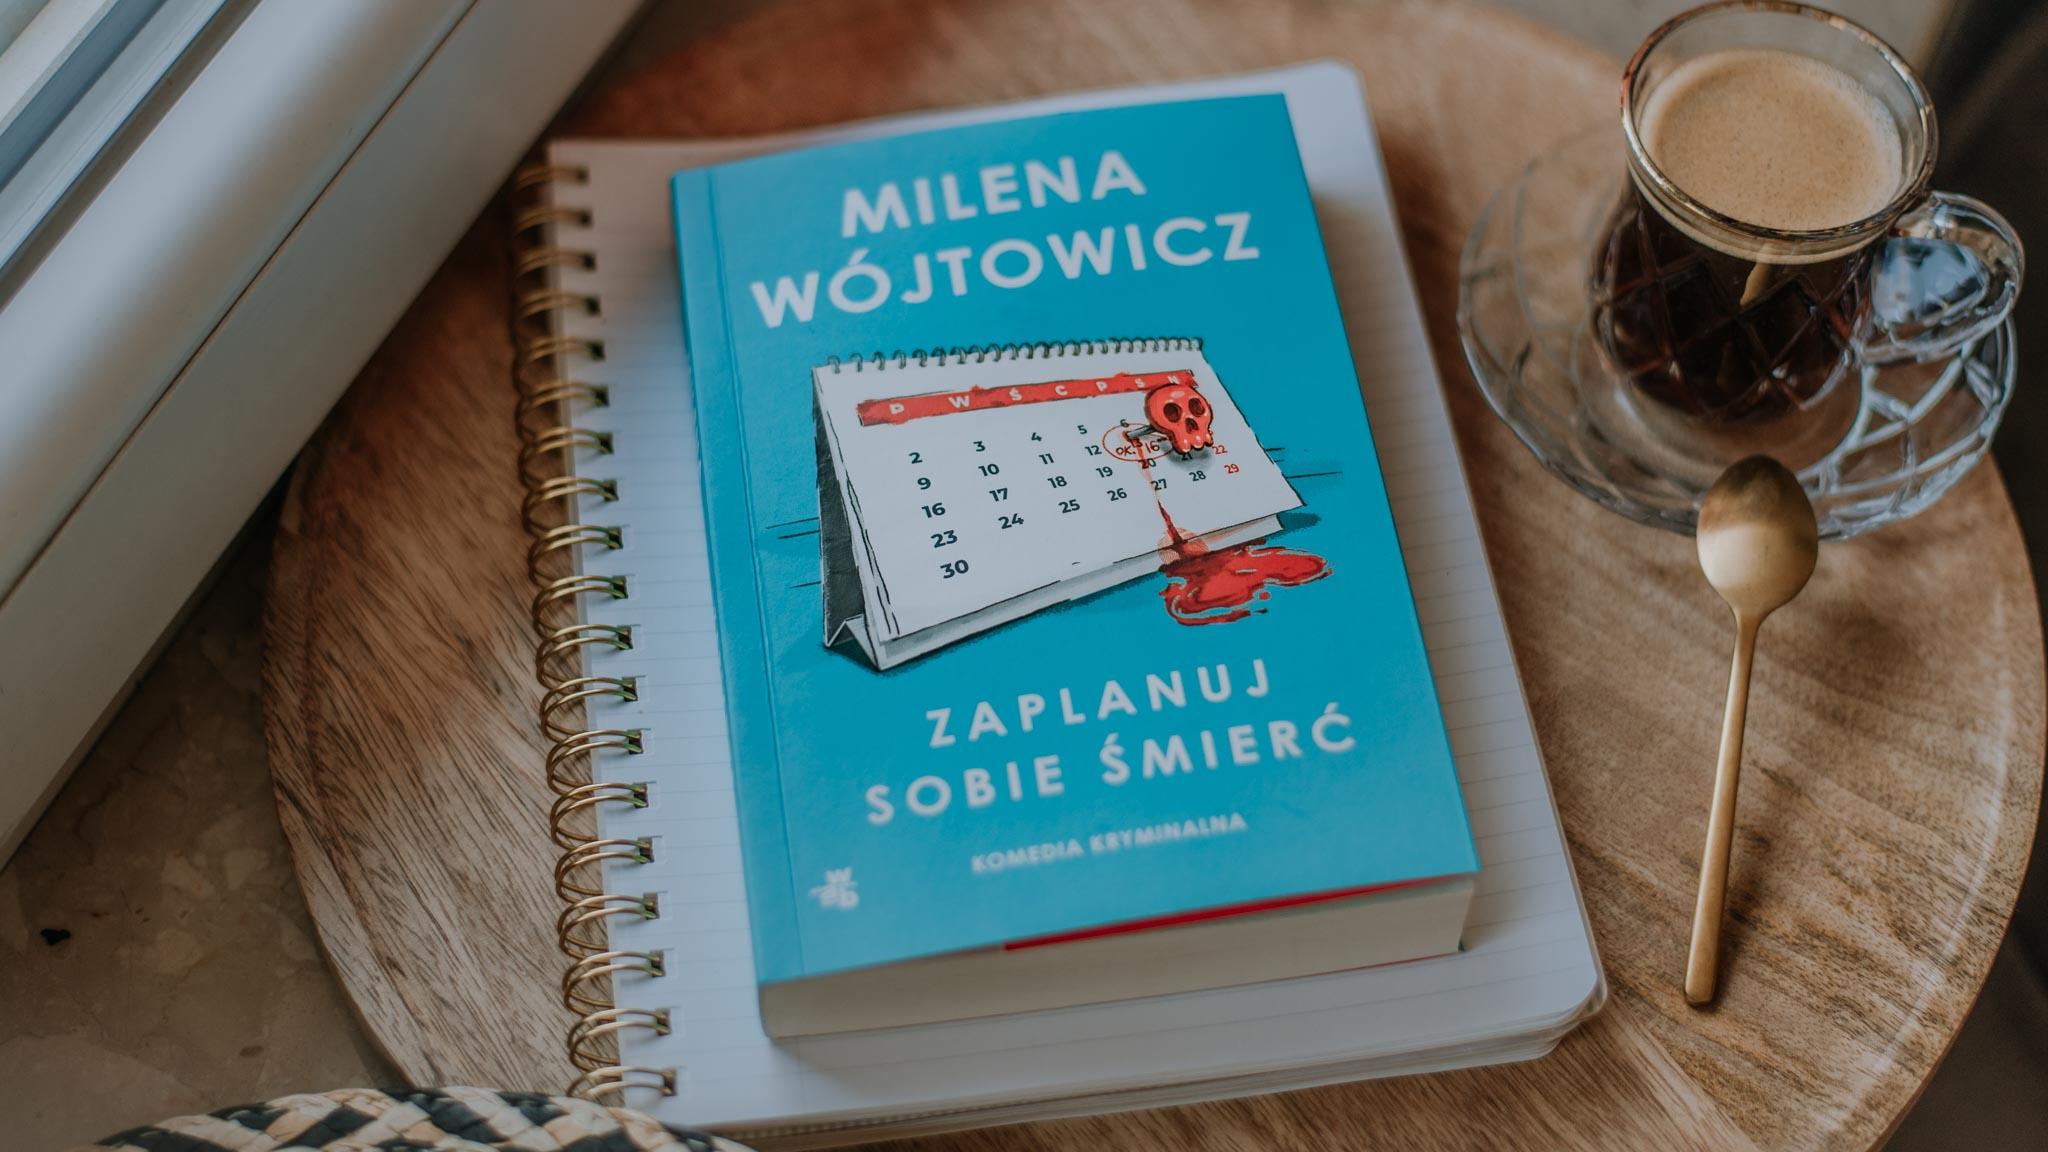 Zaplanuj sobie śmierć – Milena Wójtowicz